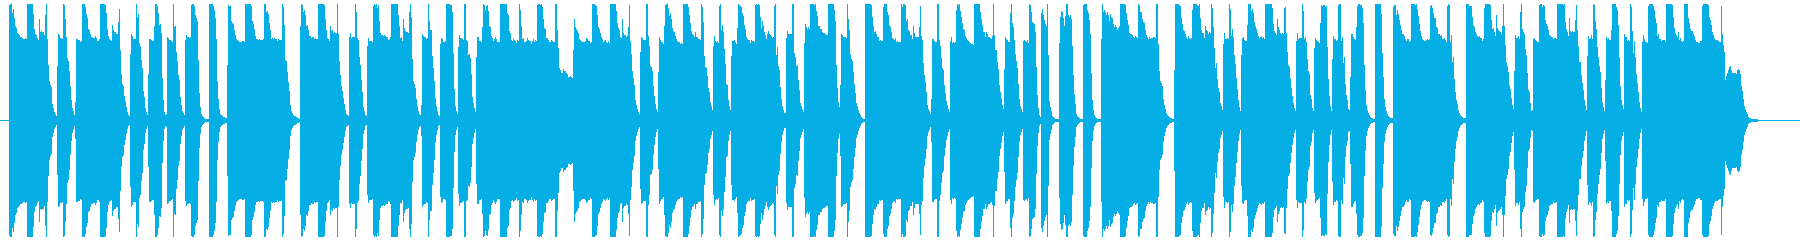 可愛らしいコミカルなリコーダーメインの曲の再生済みの波形